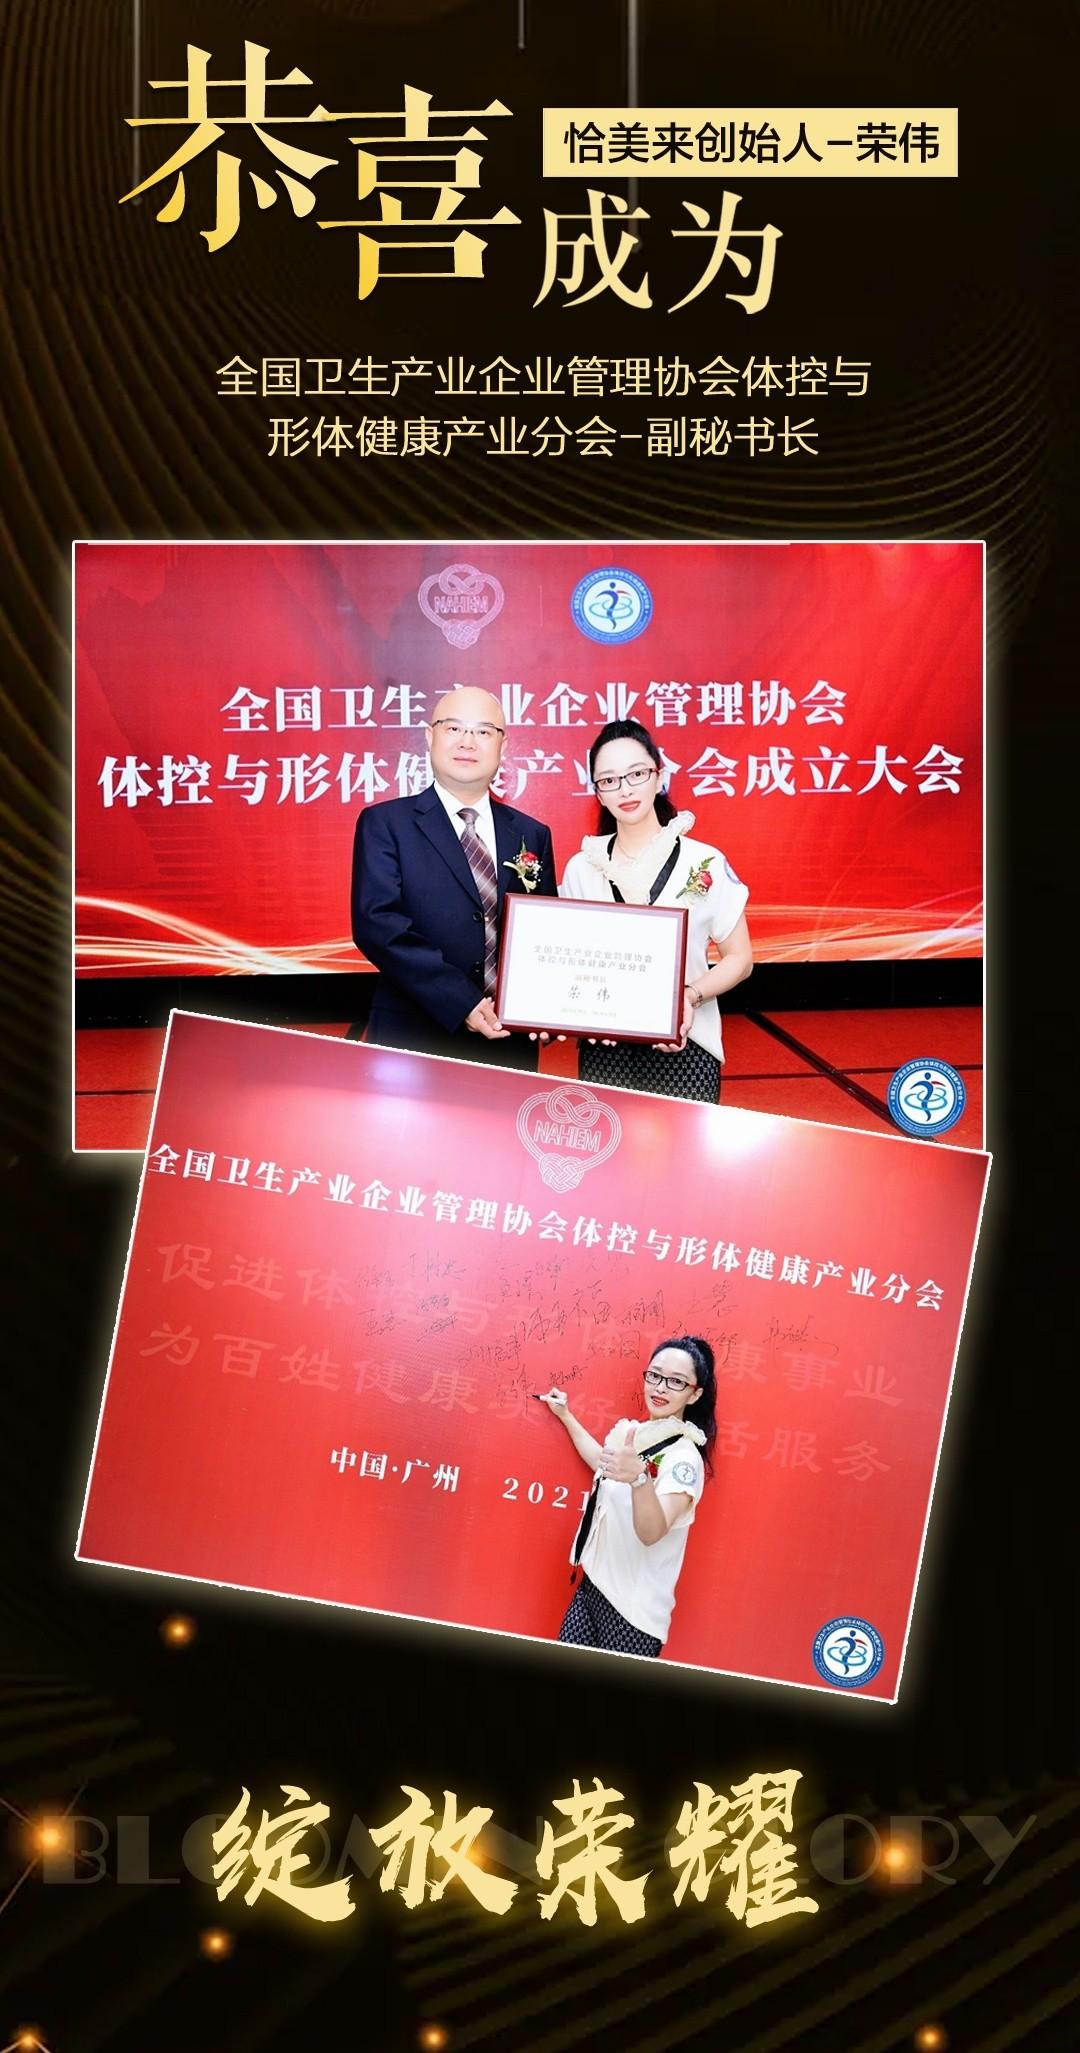 全国卫生产业企业管理协会体控与形体健康产业分会成立,恰美来创始人荣伟被选为副秘书长